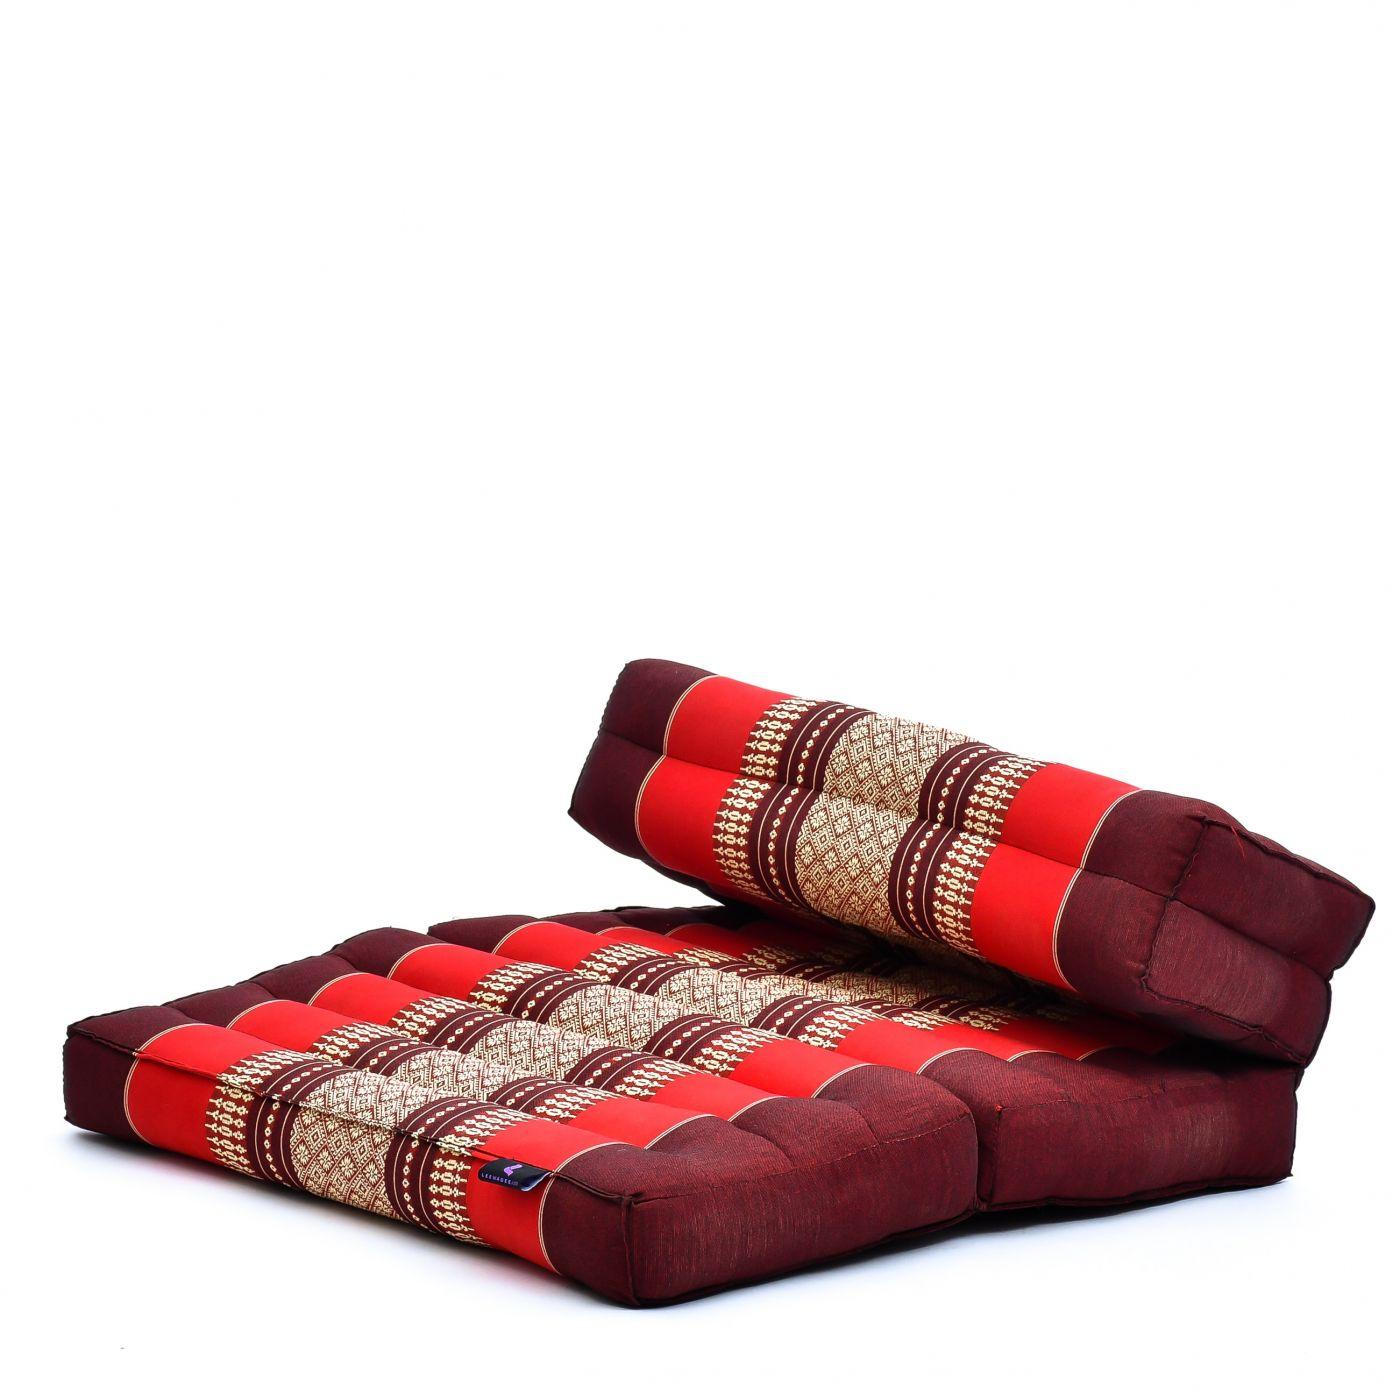 Cuscino Da Meditazione.Leewadee Sedile Pieghevole Da Meditazione A Pavimento Cuscino Da Seduta Yoga Set 2 In 1 Cuscino Da Meditazione Set Meditazione Universale Salvaspazio